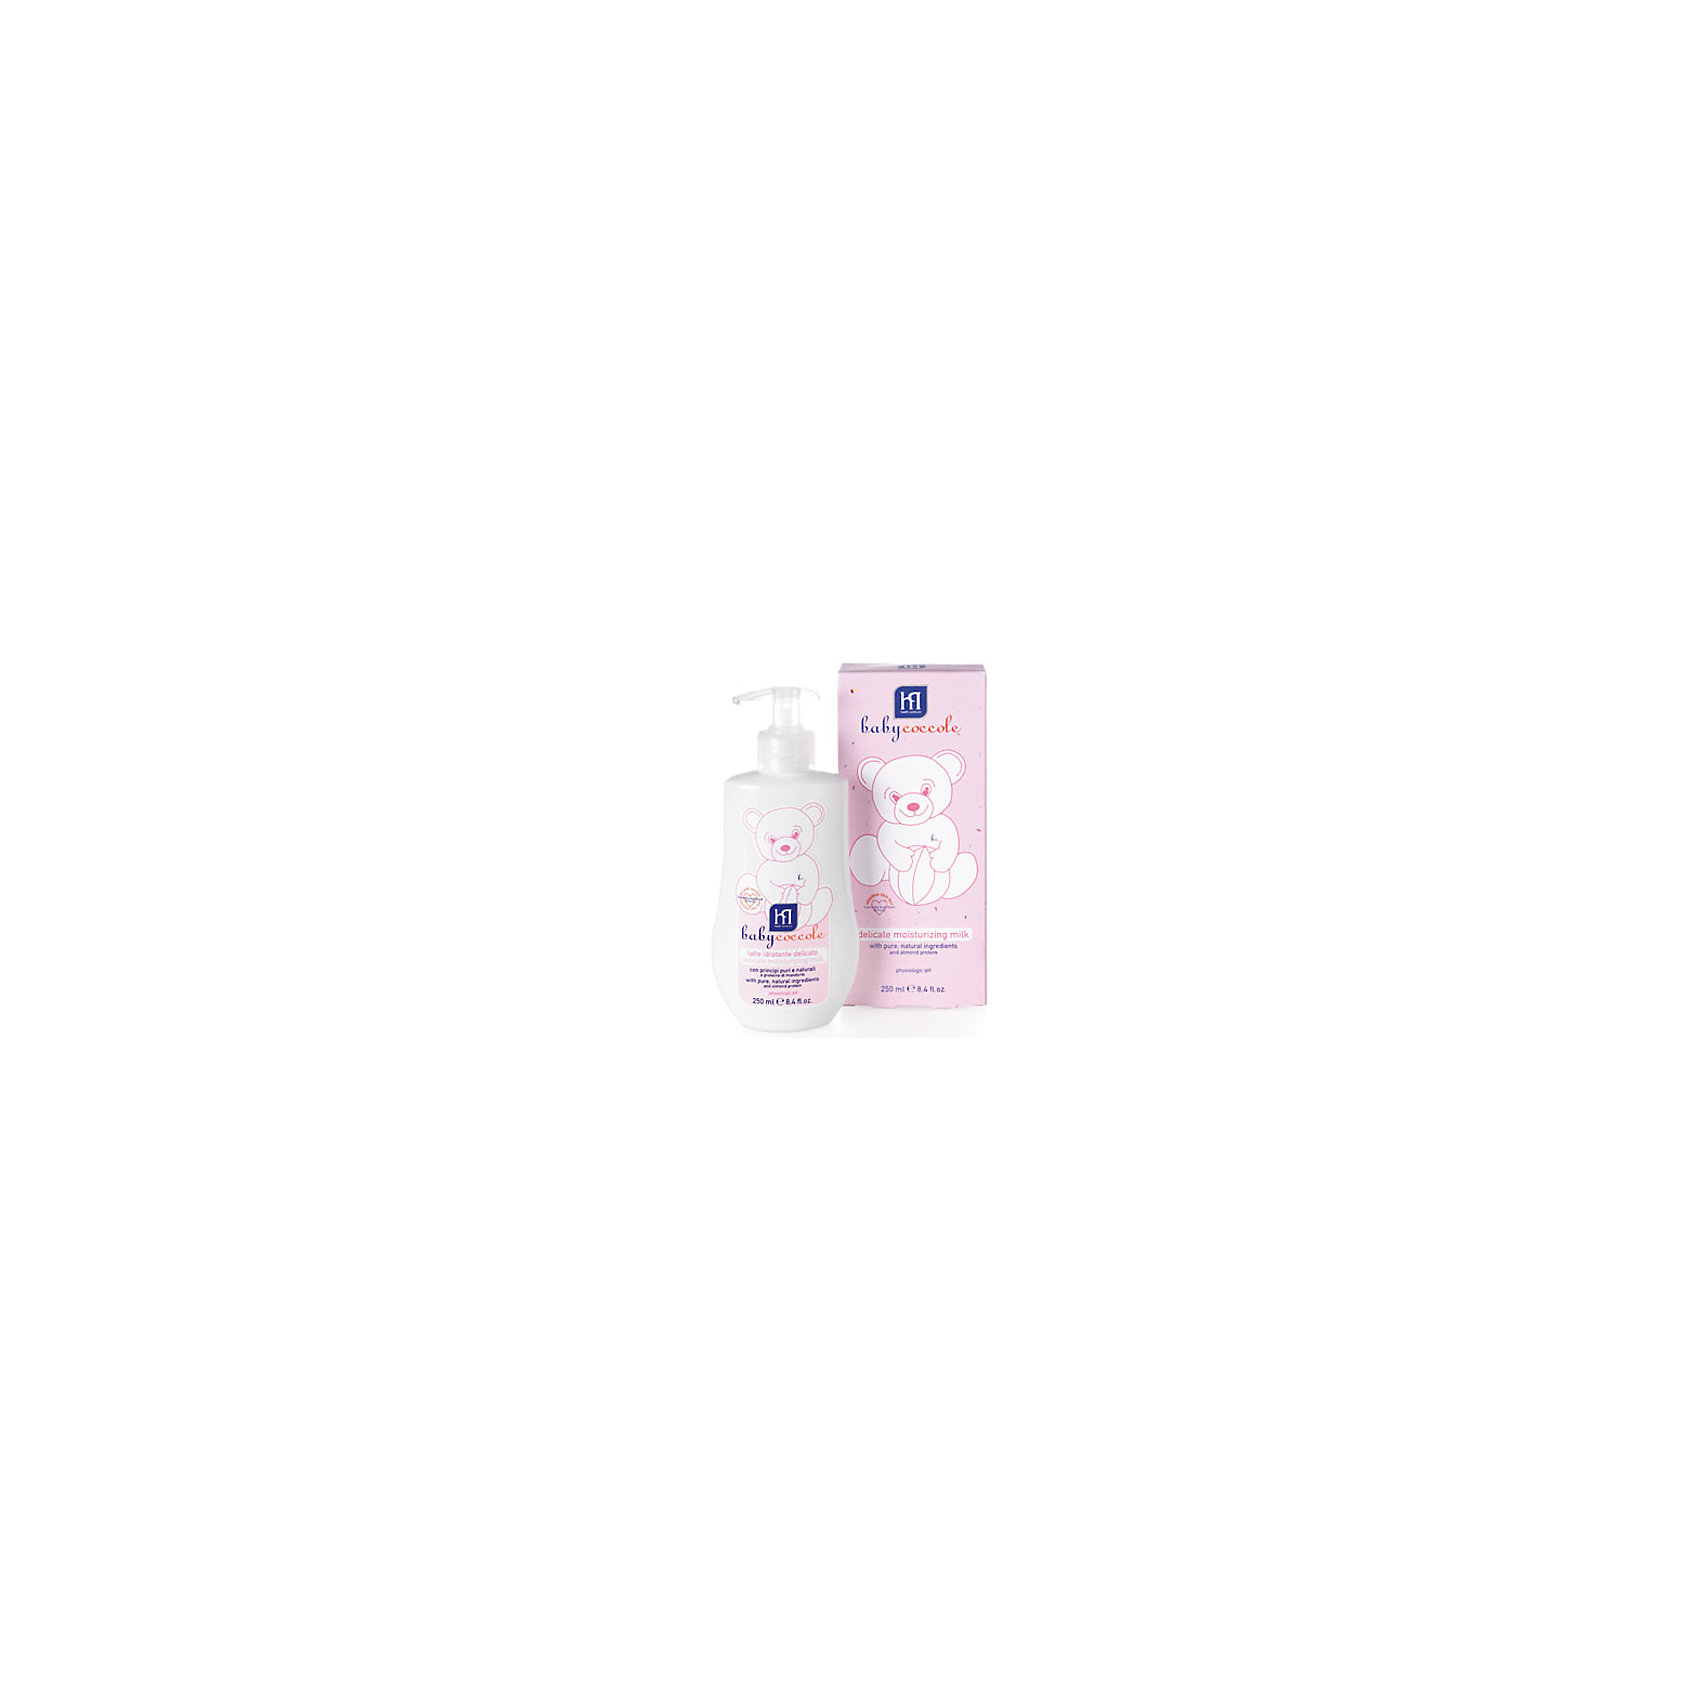 Молочко увлажняющее 250мл, BabycoccoleМолочко увлажняющее 250мл, Babycoccole (Бэбикоколле) – это мягкая защитная эмульсия, которая с нежностью заботится о коже малыша.<br>Увлажняющее молочко Babycoccole (Бэбикоколле) с чистыми натуральными ингредиентами, таким как бетаглюкан овса, эсцин из экстракта конского каштана, витамин Е и миндальным маслом деликатно увлажняет, смягчает  и очищает чувствительную кожу новорожденных и маленьких детей. Молочко повышает эластичность кожи. Гипоаллергенно, обладает физиологическим уровнем pH. Косметика Babycoccole (Бэбикоколле) для ухода за кожей новорожденных – это чистые и натуральные решения, созданные самой природой, потому что они основаны на использовании лучших и наиболее эффективных свойств компонентов растений. Косметика создана в результате глубоких исследований, для ухода за нежной кожей новорожденных и маленьких детей. Разработана и произведена в лаборатории Betafarma, Италия. Клинически протестирована, соответствует Европейской директиве 2003/15/СЕЕ, которая регулирует вопрос о недопустимости в содержании аллергических веществ. Для косметических средств характерен легкий мягкий запах мускуса с цитрусовой ноткой, который так подходит и нравится детям.<br><br>Дополнительная информация:<br><br>- Объем: 250 мл.<br>- Отсутствуют потенциально агрессивные ПАВ, таких как лаурилсульфаты (SLES-SLS)<br>- Отсутствие консервантов в синергической (взаимодополняющей) смеси активных ингредиентов гарантирует высокую микробиологическую безопасность <br>- Отсутствуют компоненты животного происхождения, способные вызвать развитие аллергии<br>- Добавлены тщательно подобранные компоненты растительного происхождения (ромашка, бетаглюкан овса, витамин F из льна), способствующие устранению покраснения кожи и оказывающие успокаивающее и смягчающее действие<br>- Применение: предназначено для ежедневного применения с целью деликатного увлажнения кожи ребенка<br><br>Молочко увлажняющее 250мл, Babycoccole (Бэбикоколле) можно купить в нашем интернет-